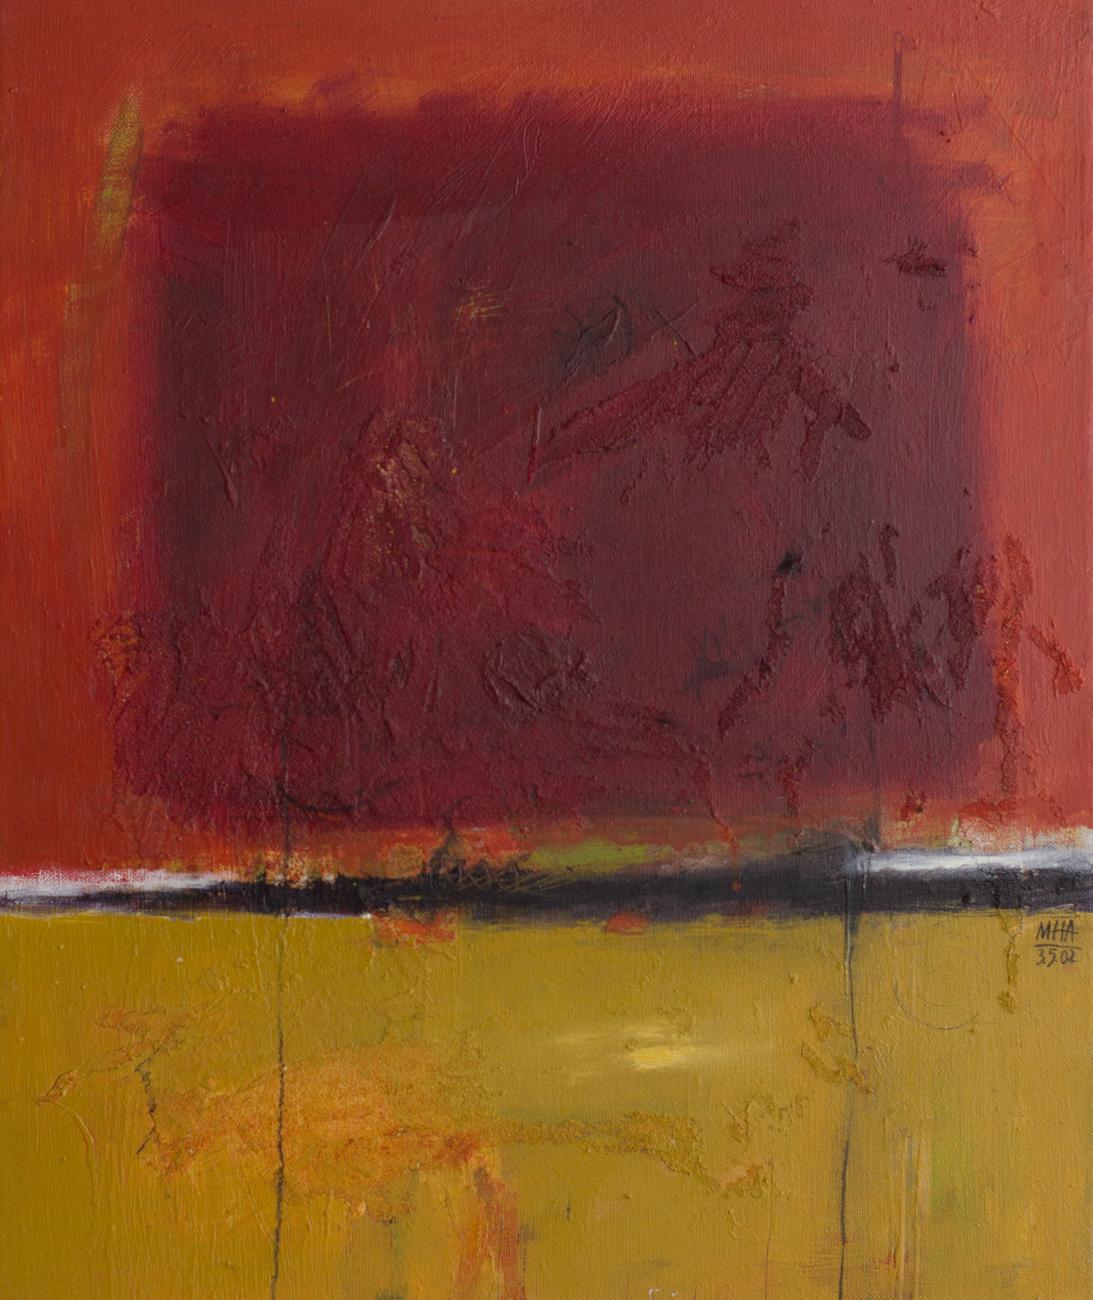 Tapiz 17 , 2002,Acryl auf Leinwand, 50x60 cm